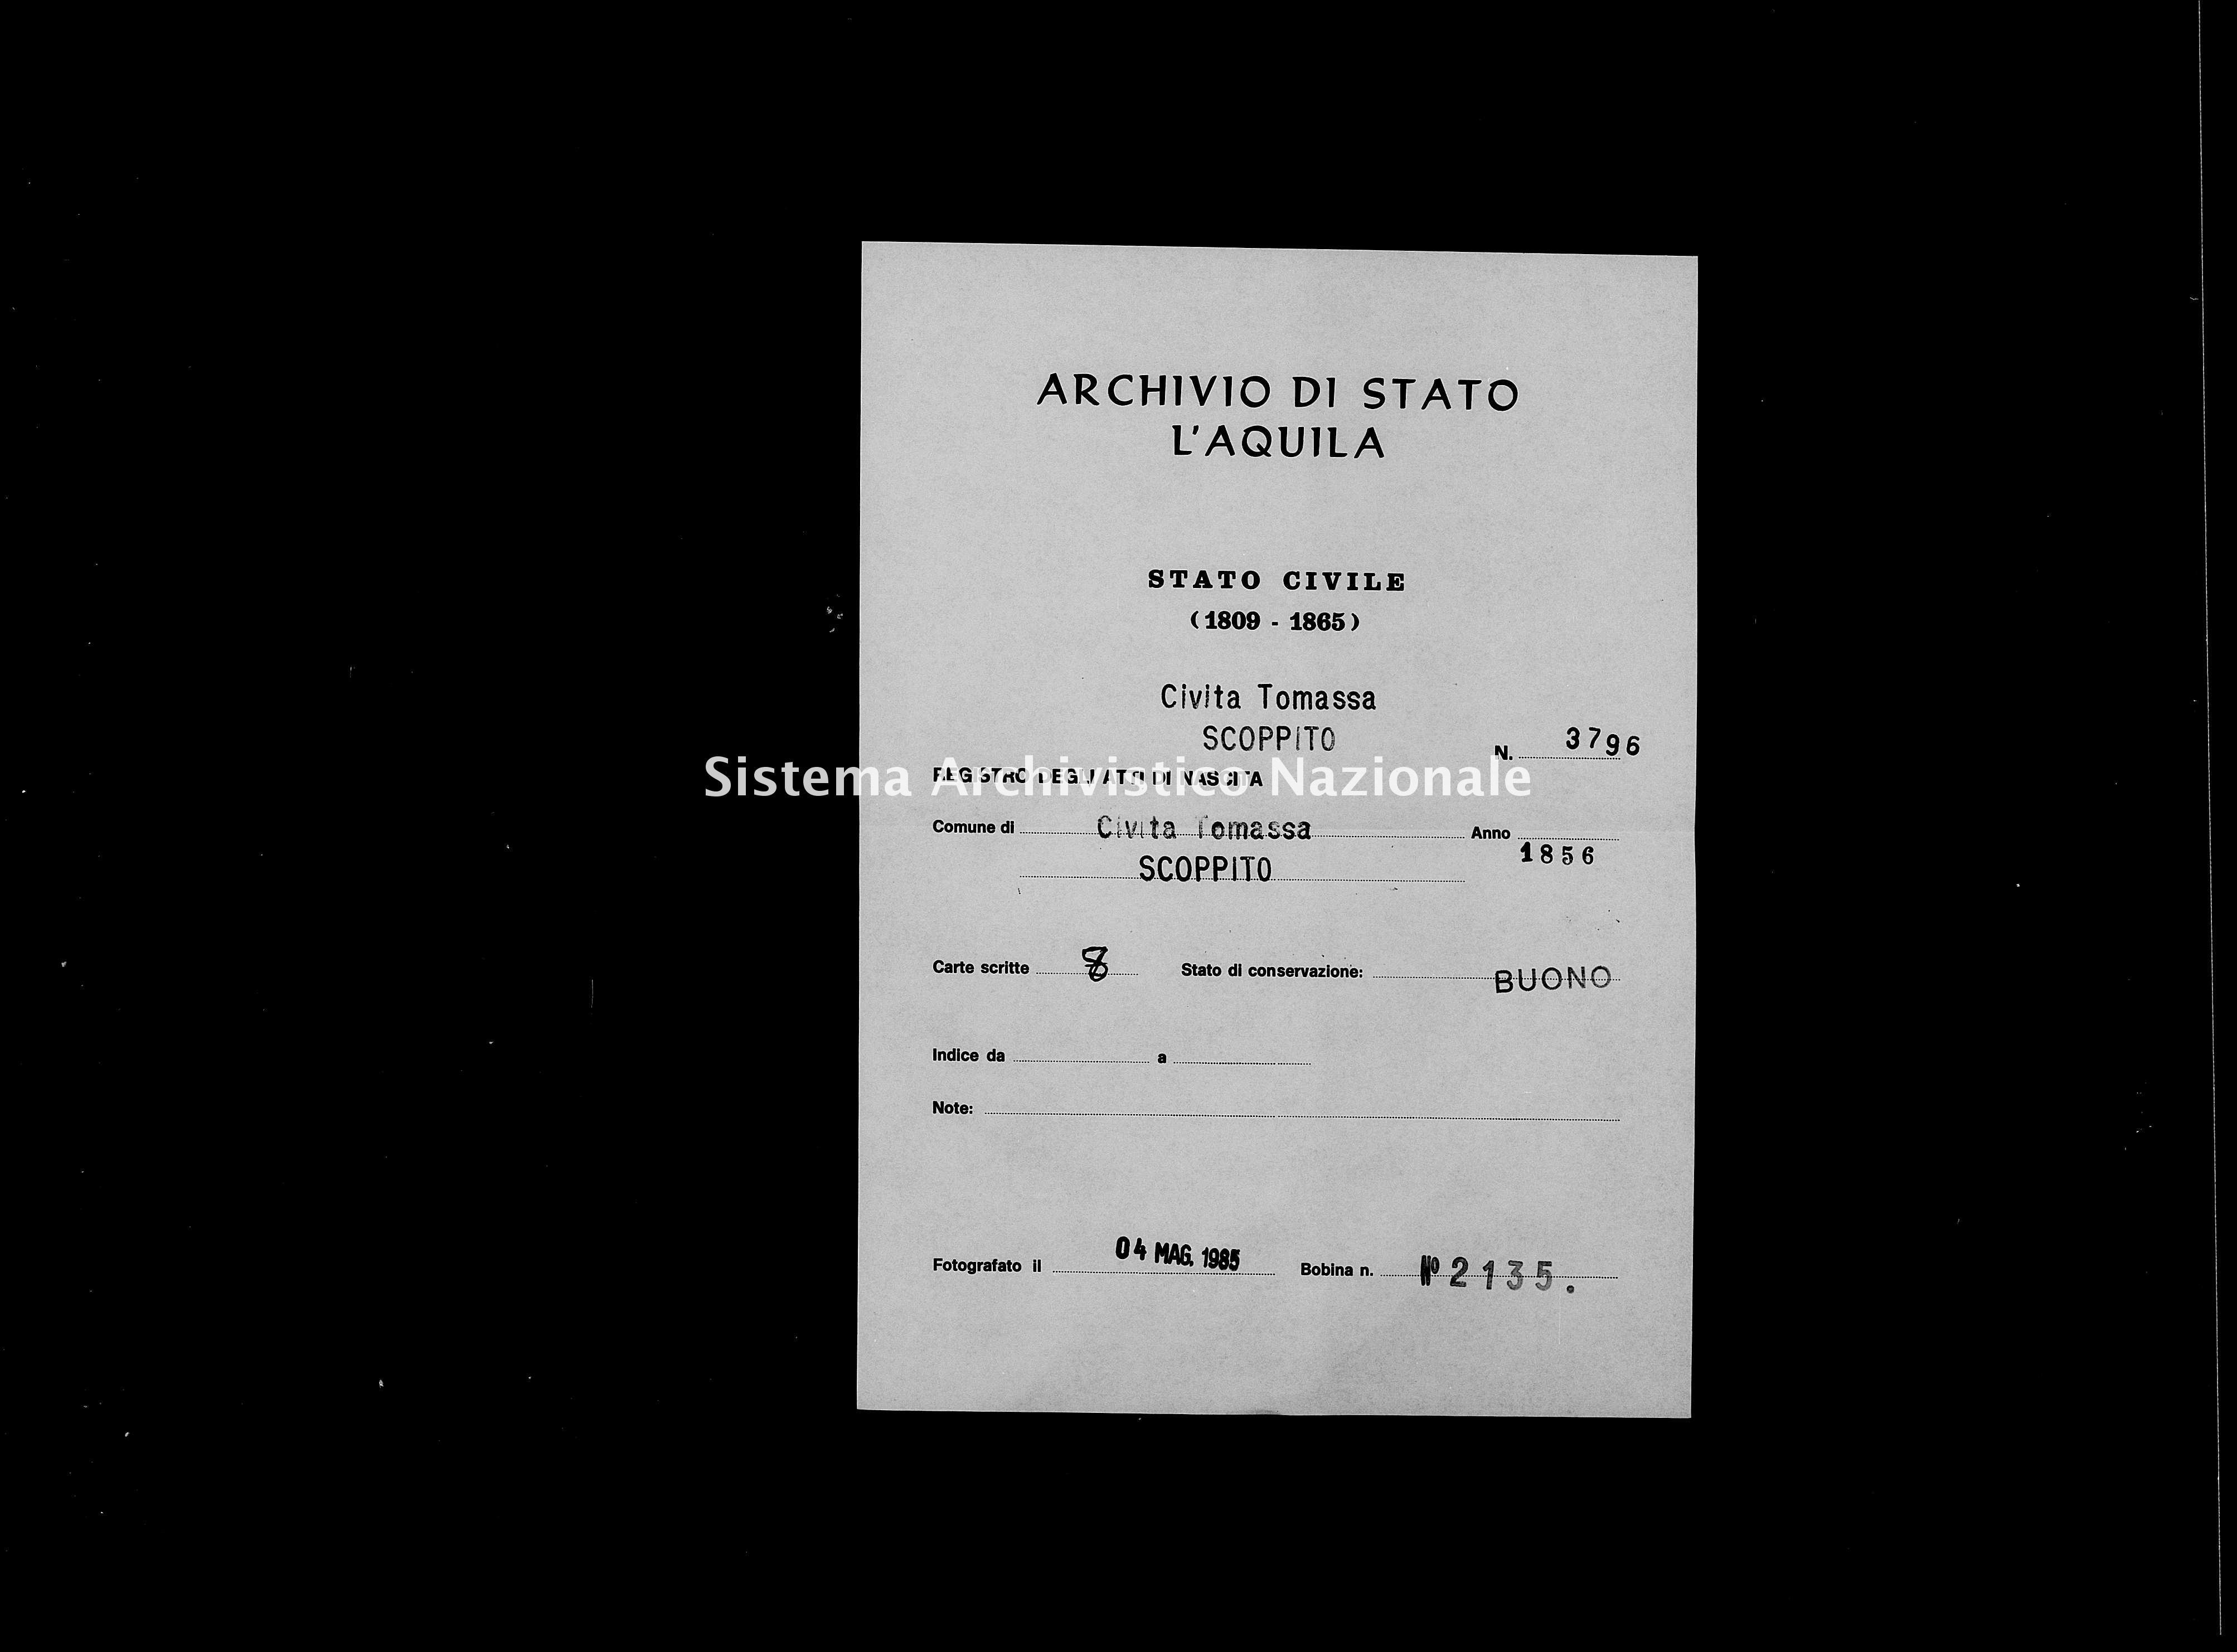 Archivio di stato di L'aquila - Stato civile della restaurazione - Civitatomassa - Nati - 1856 - 3796 -